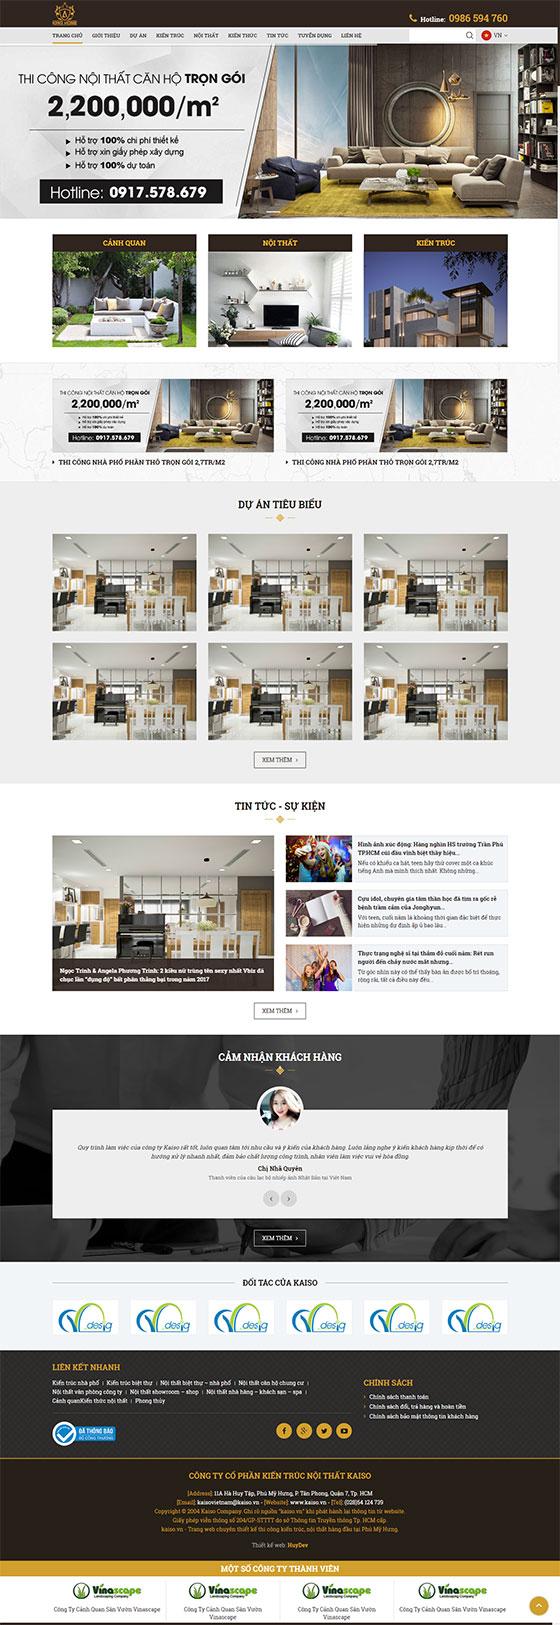 Trang chủ mẫu website bán hàng nội thất 01